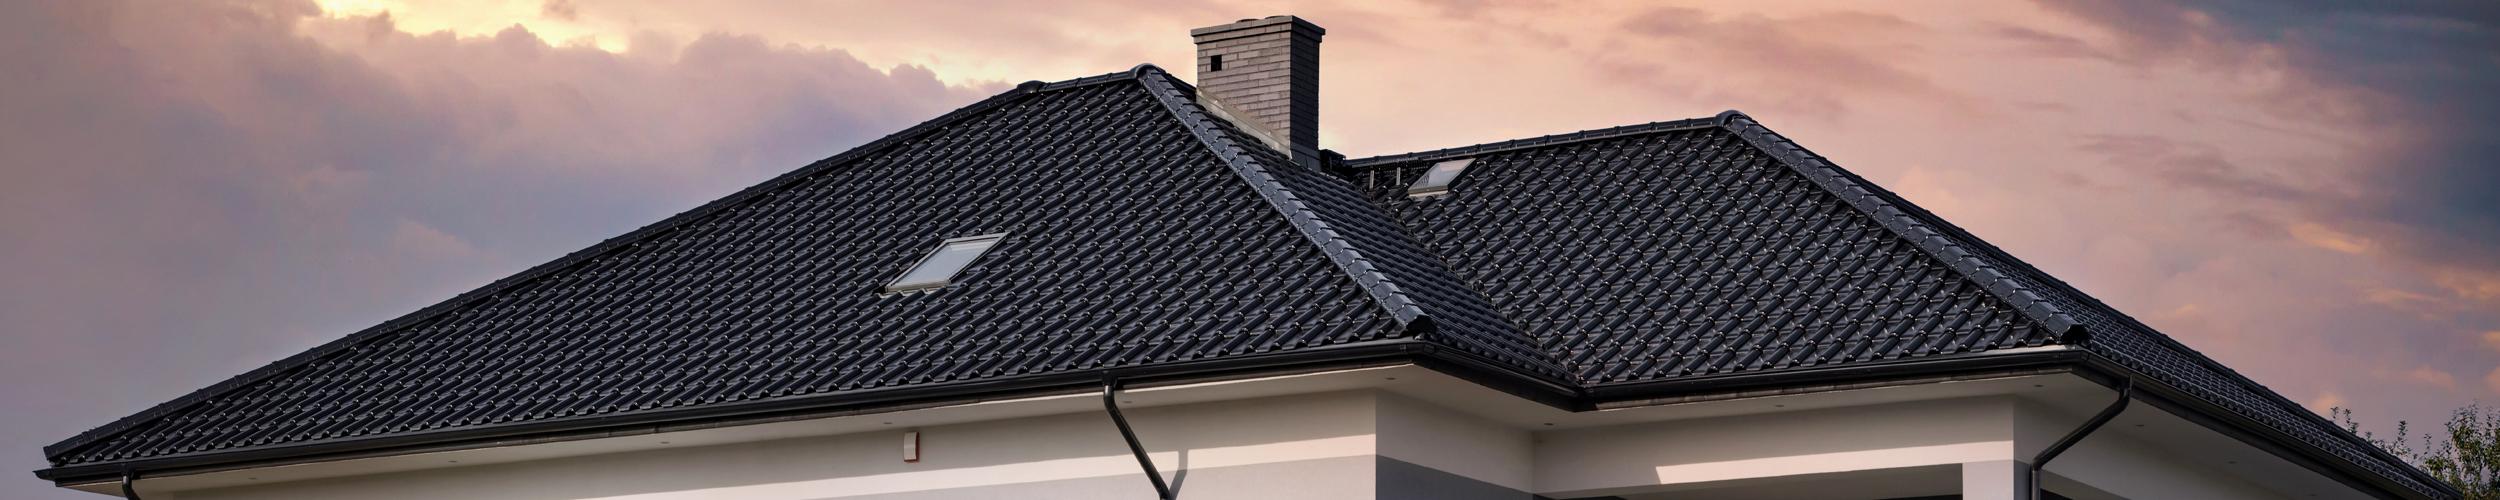 FINESSE i NOBLESSE – dwa rodzaje powierzchni glazurowanej stosowane na dachówkach CREATON